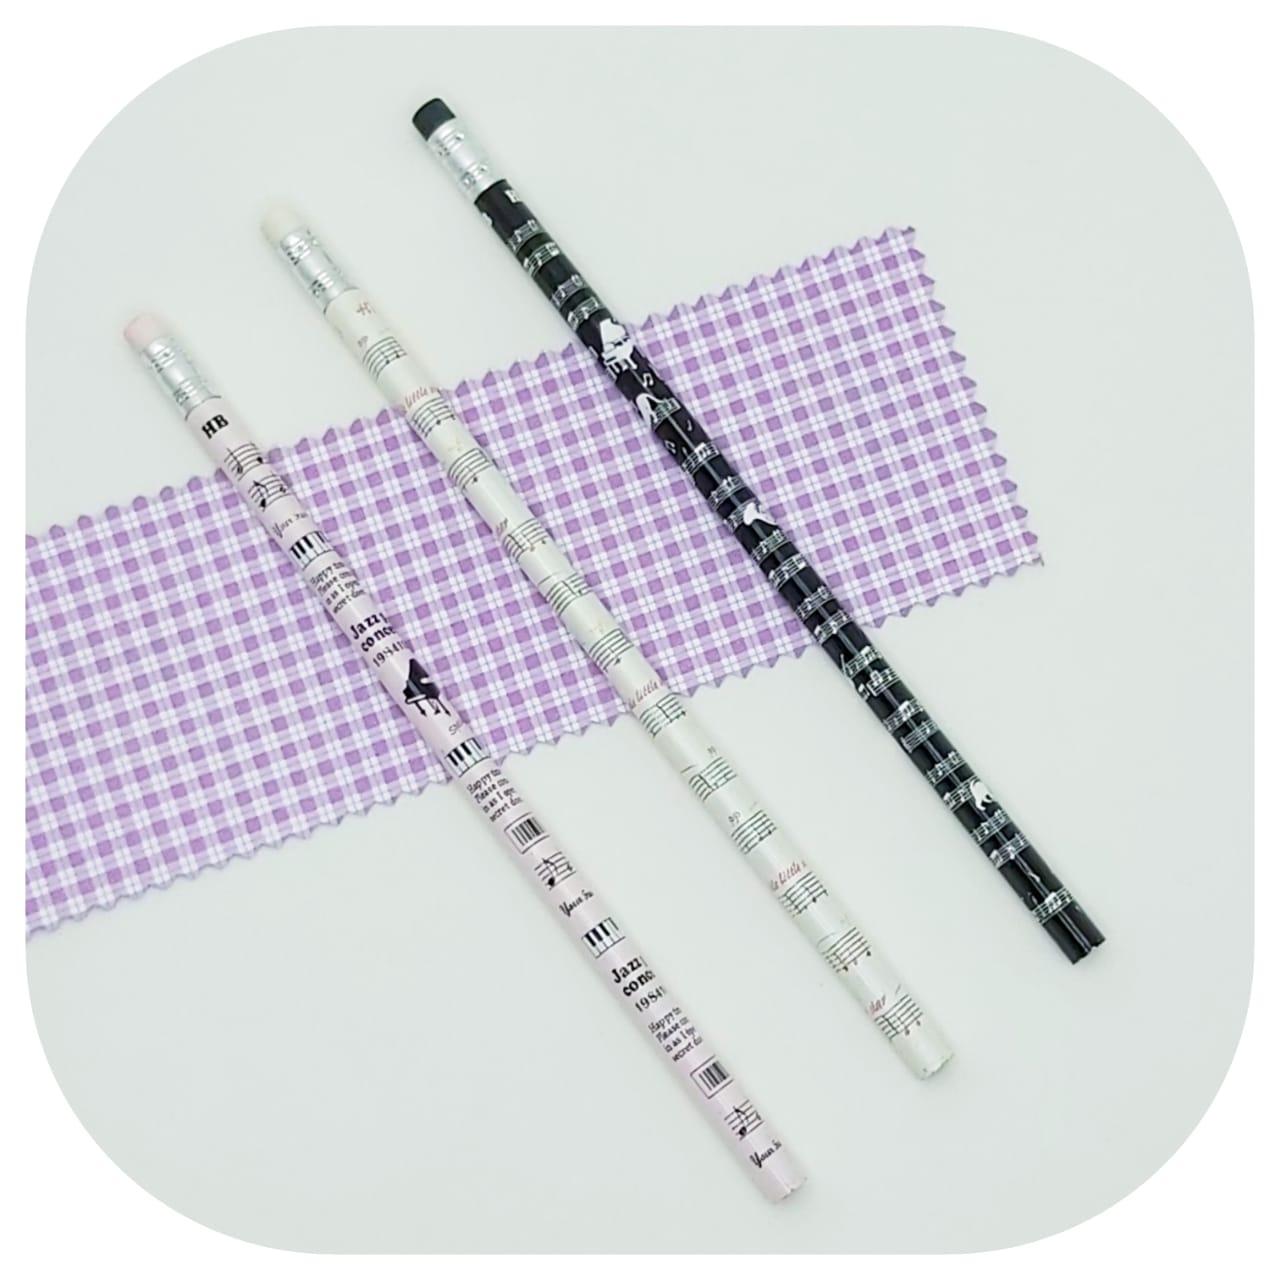 lápis preto - Music